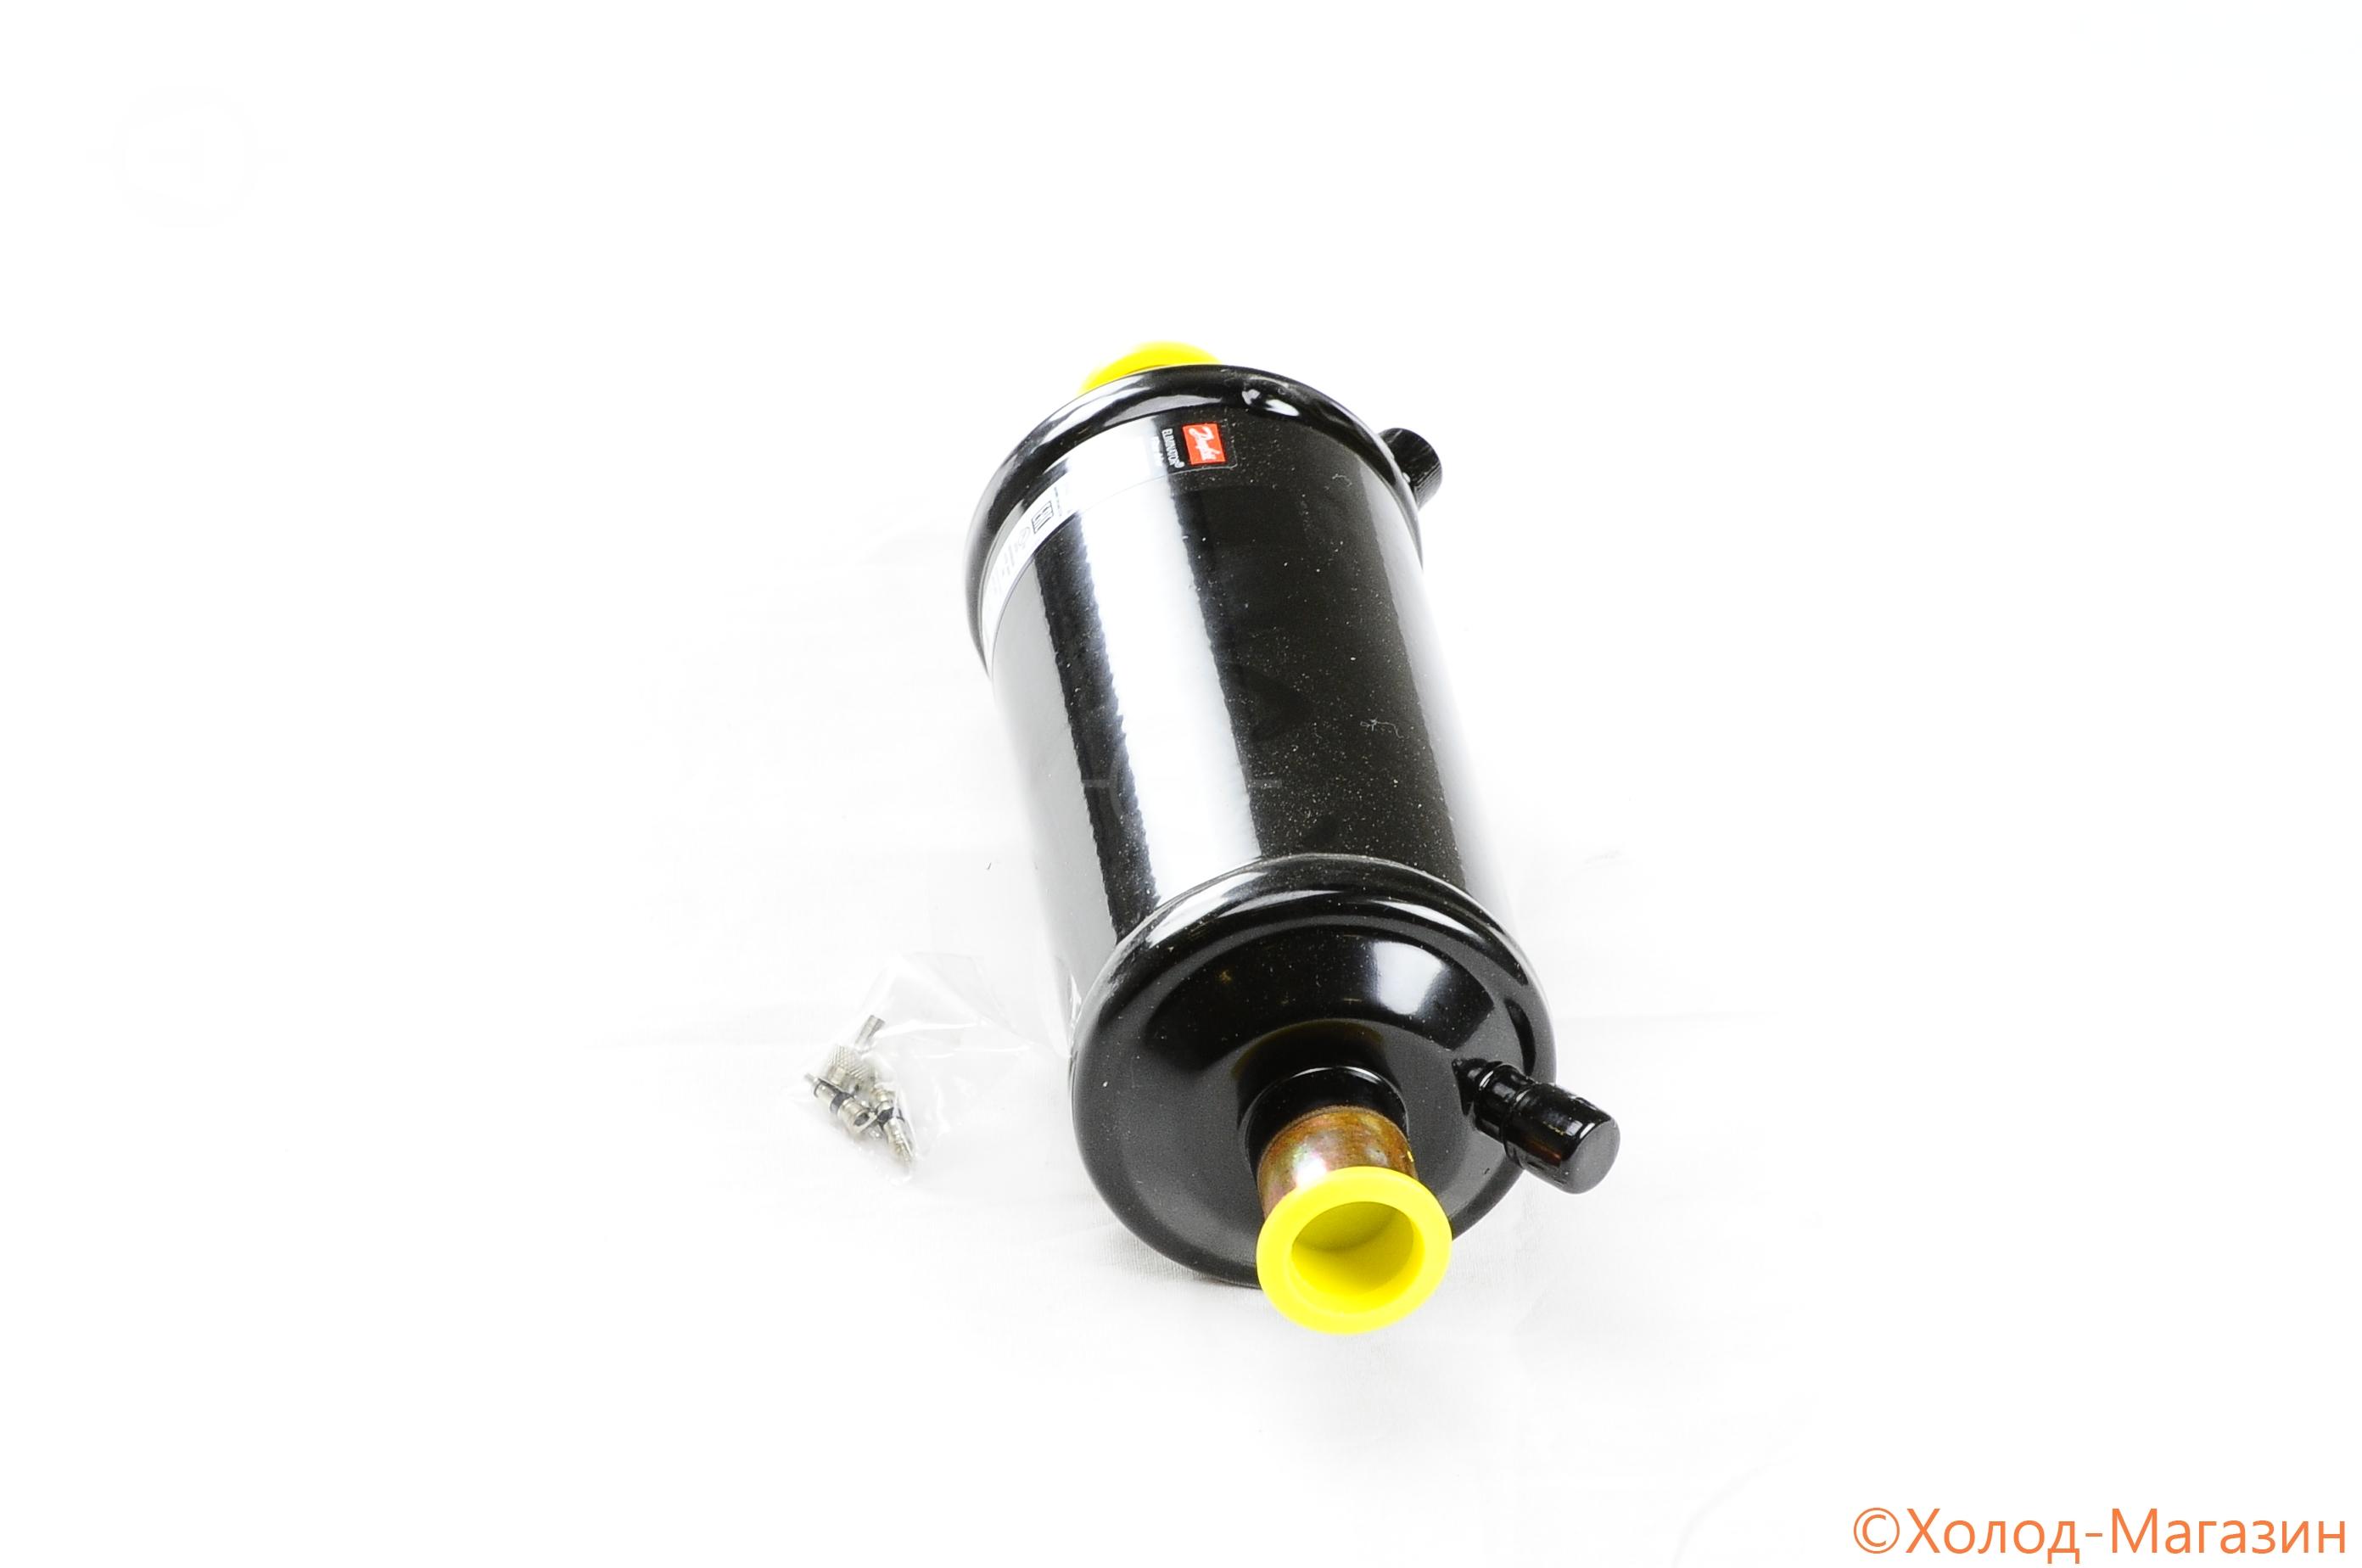 Фильтр антикислотный DAS 305VVs (5/8 - 16 мм), Danfoss